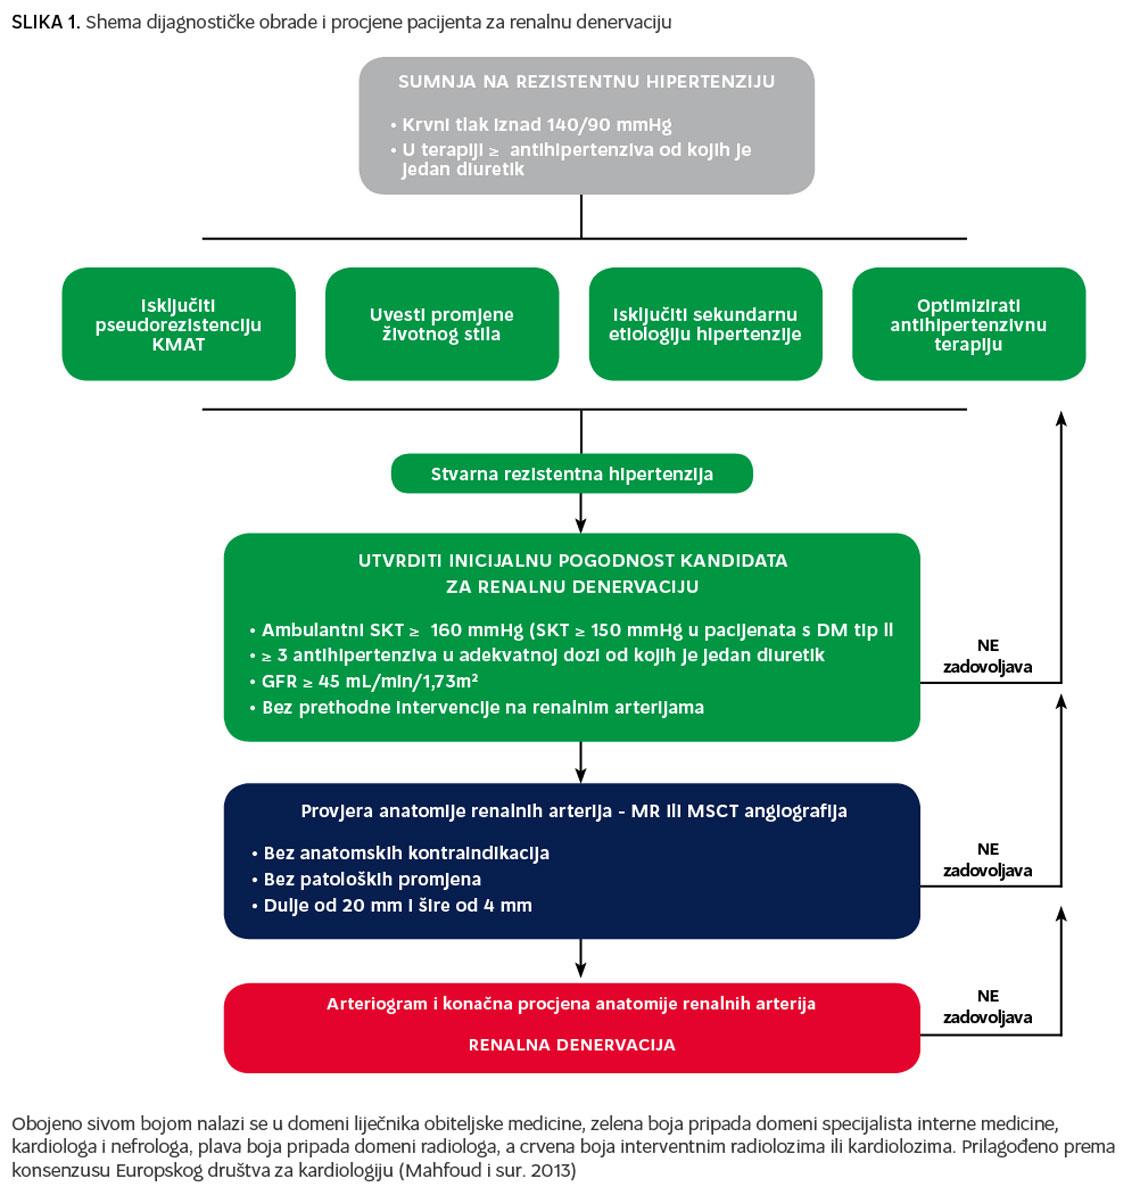 boja terapija za hipertenziju